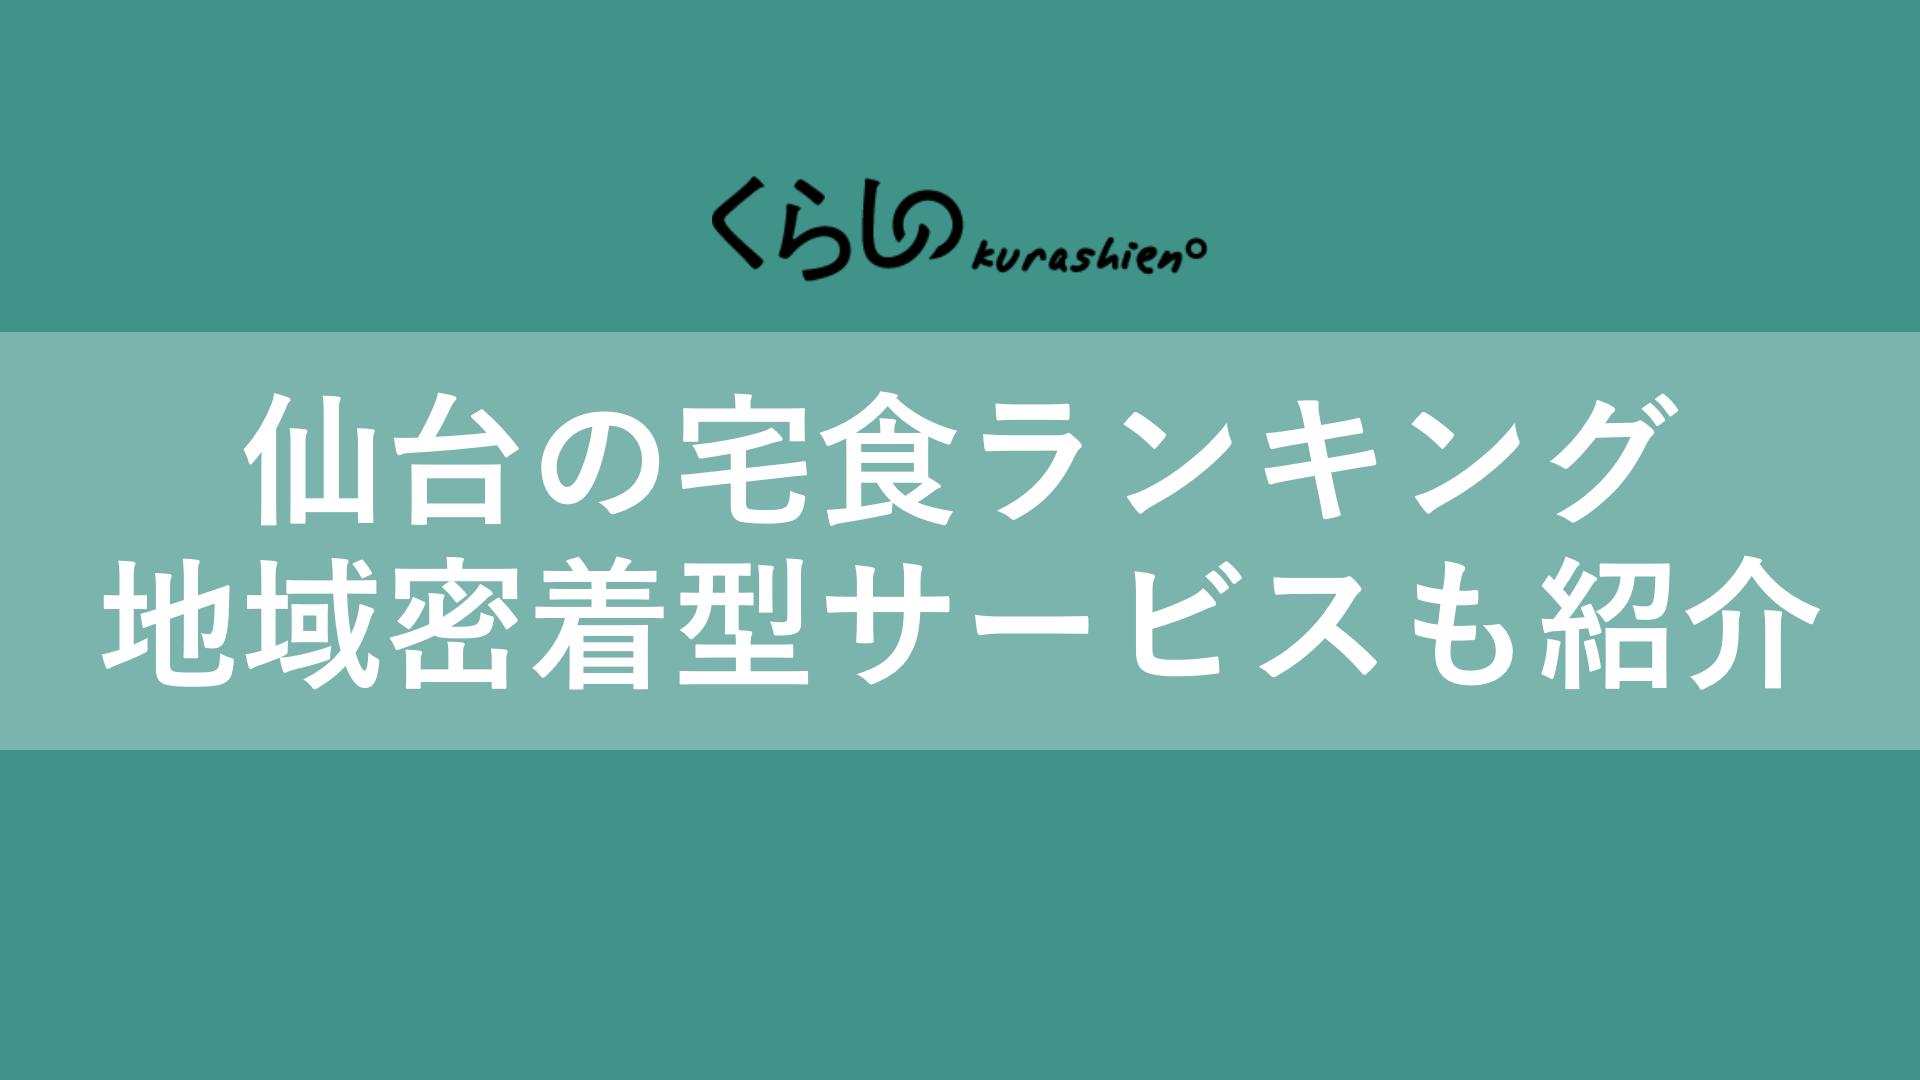 仙台の宅食サービス・宅配弁当おすすめランキング!地域密着型サービスも紹介